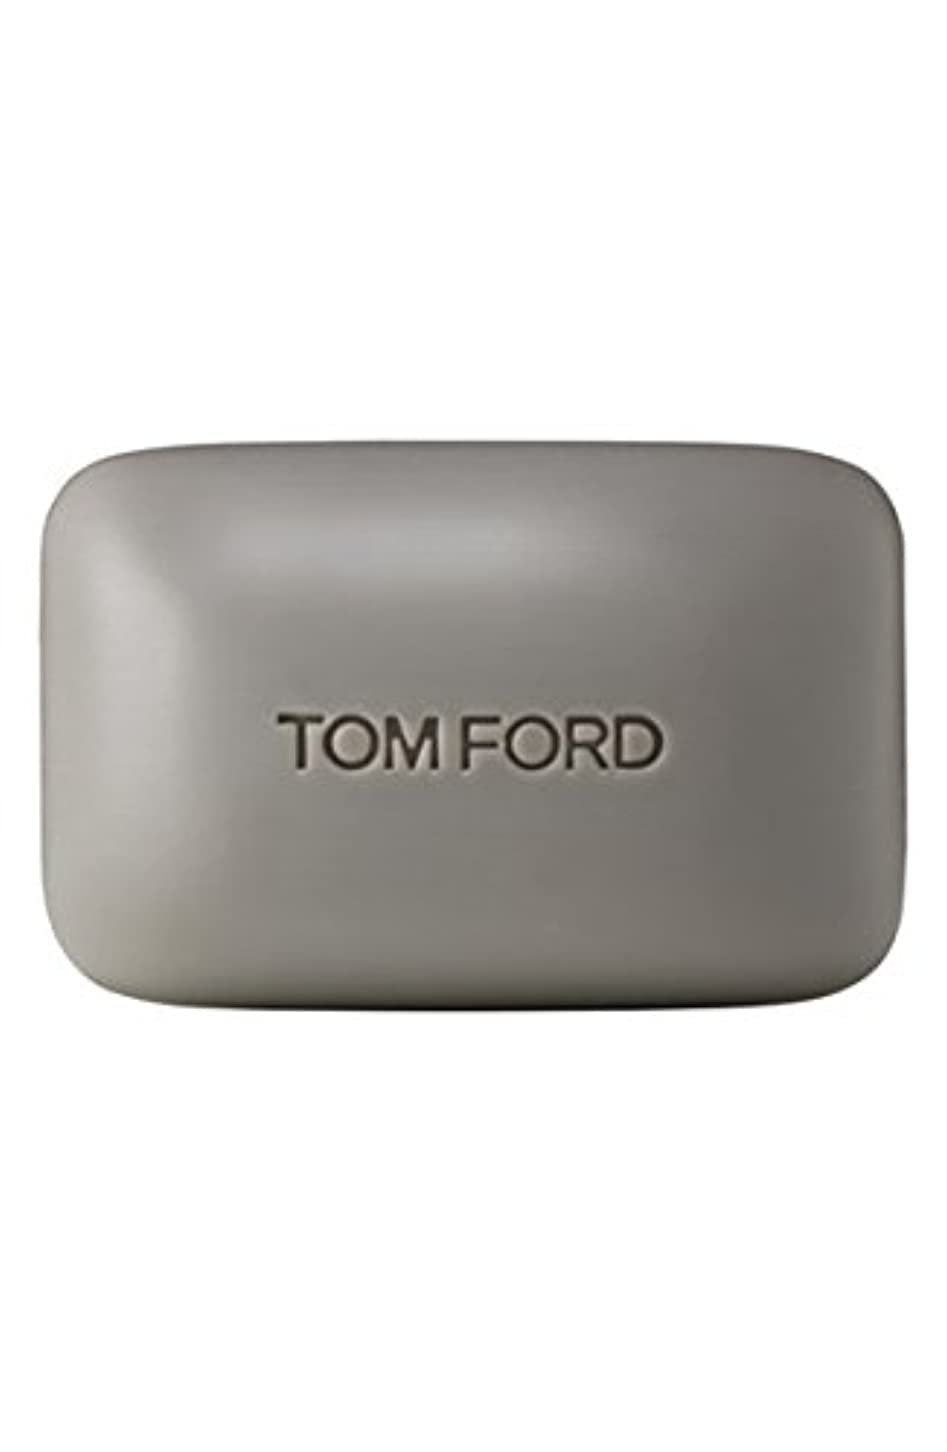 ファンブル若さコンチネンタルTom Ford Private Blend 'Oud Wood' (トムフォード プライベートブレンド オードウッド) 5.5 oz (165ml) Bar Soap (固形石鹸)